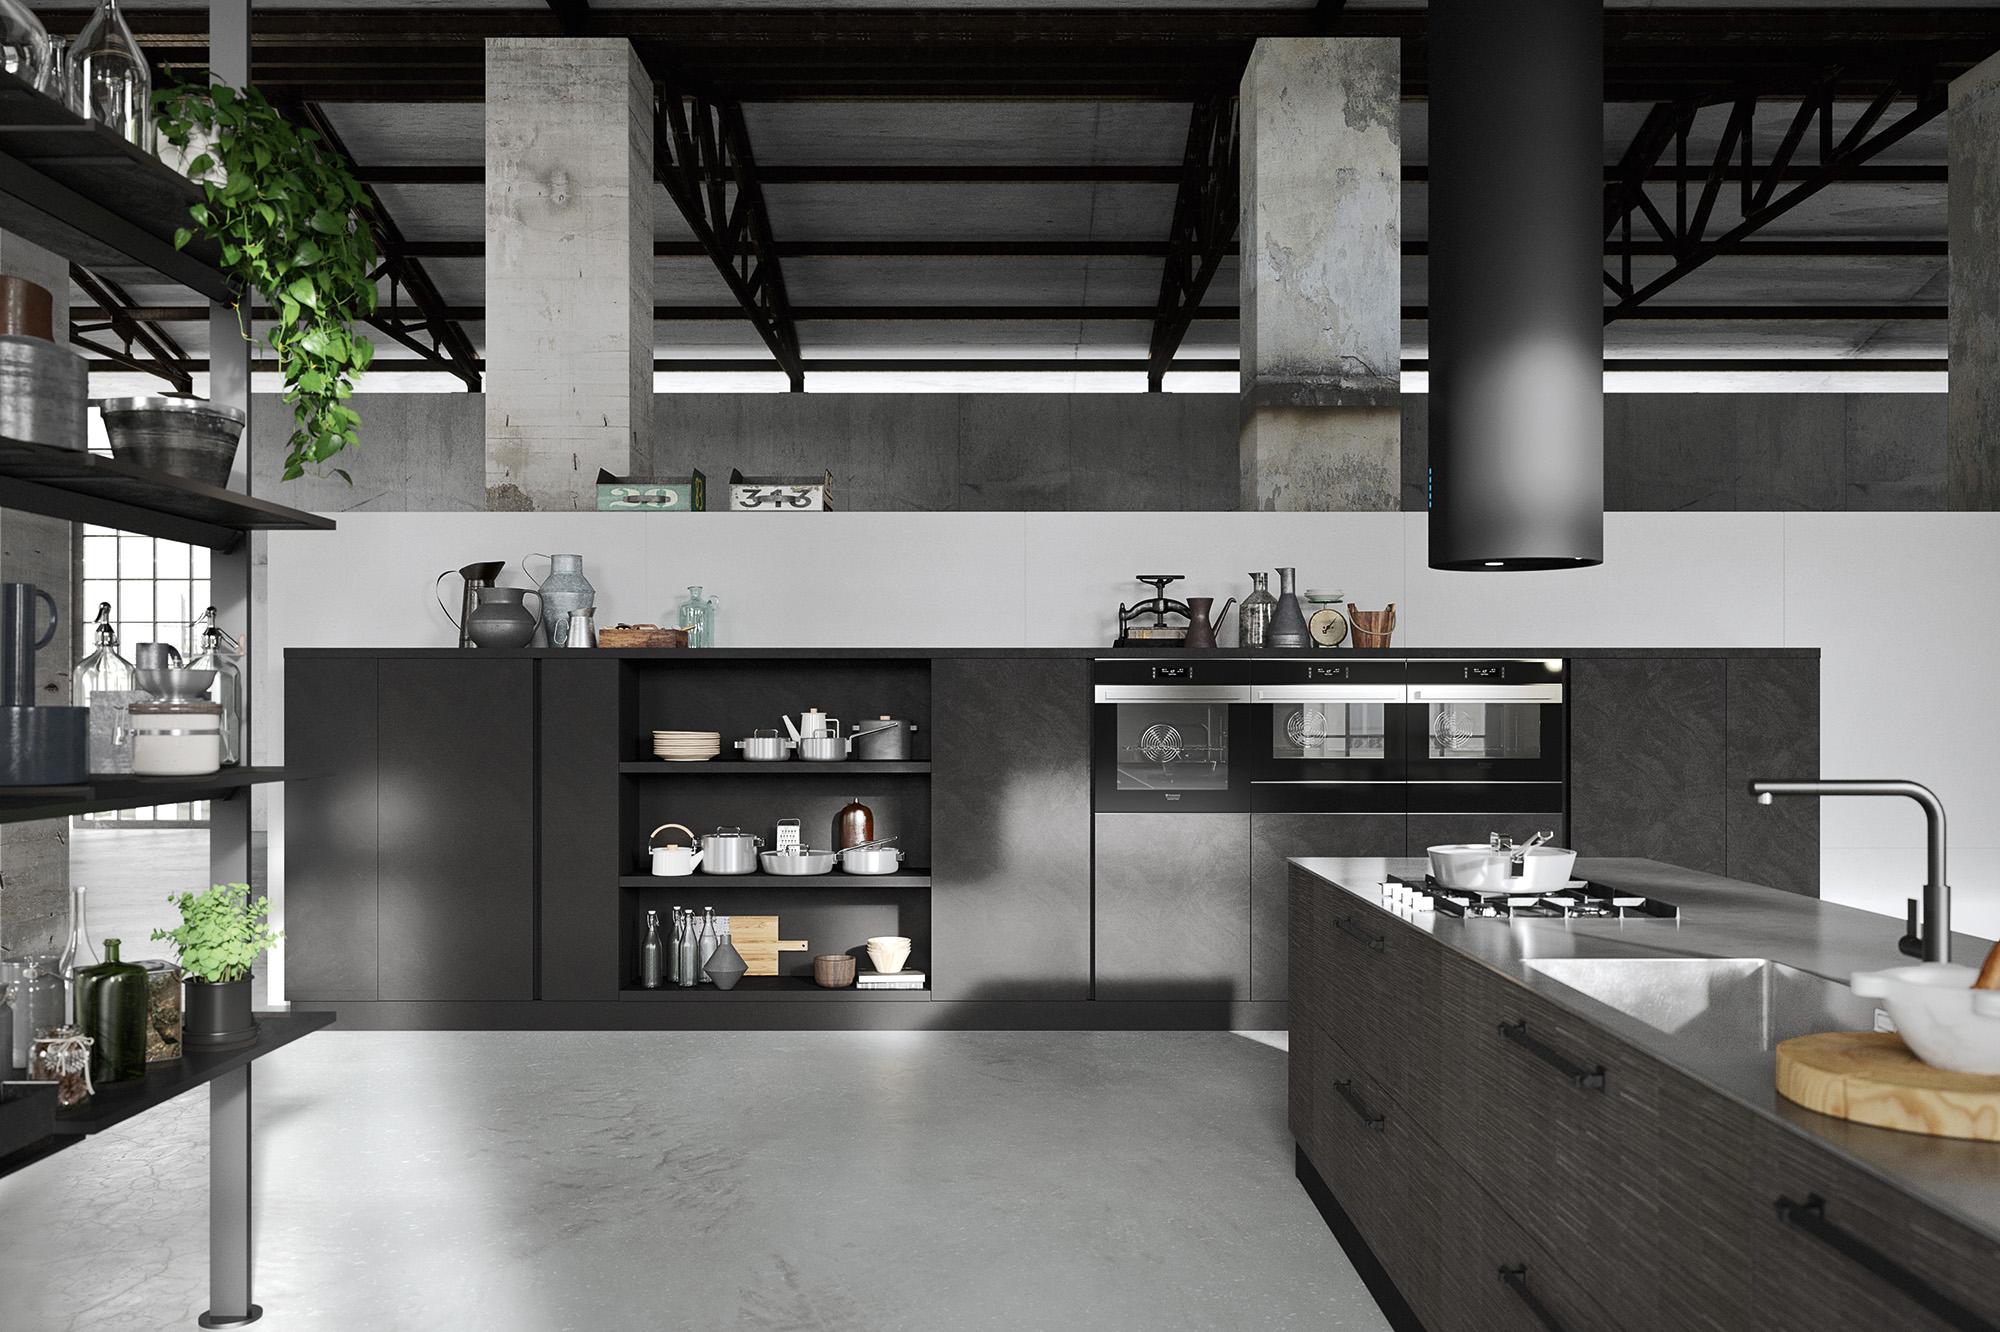 Cucine, riventitore a Roma, Realprogetti sas